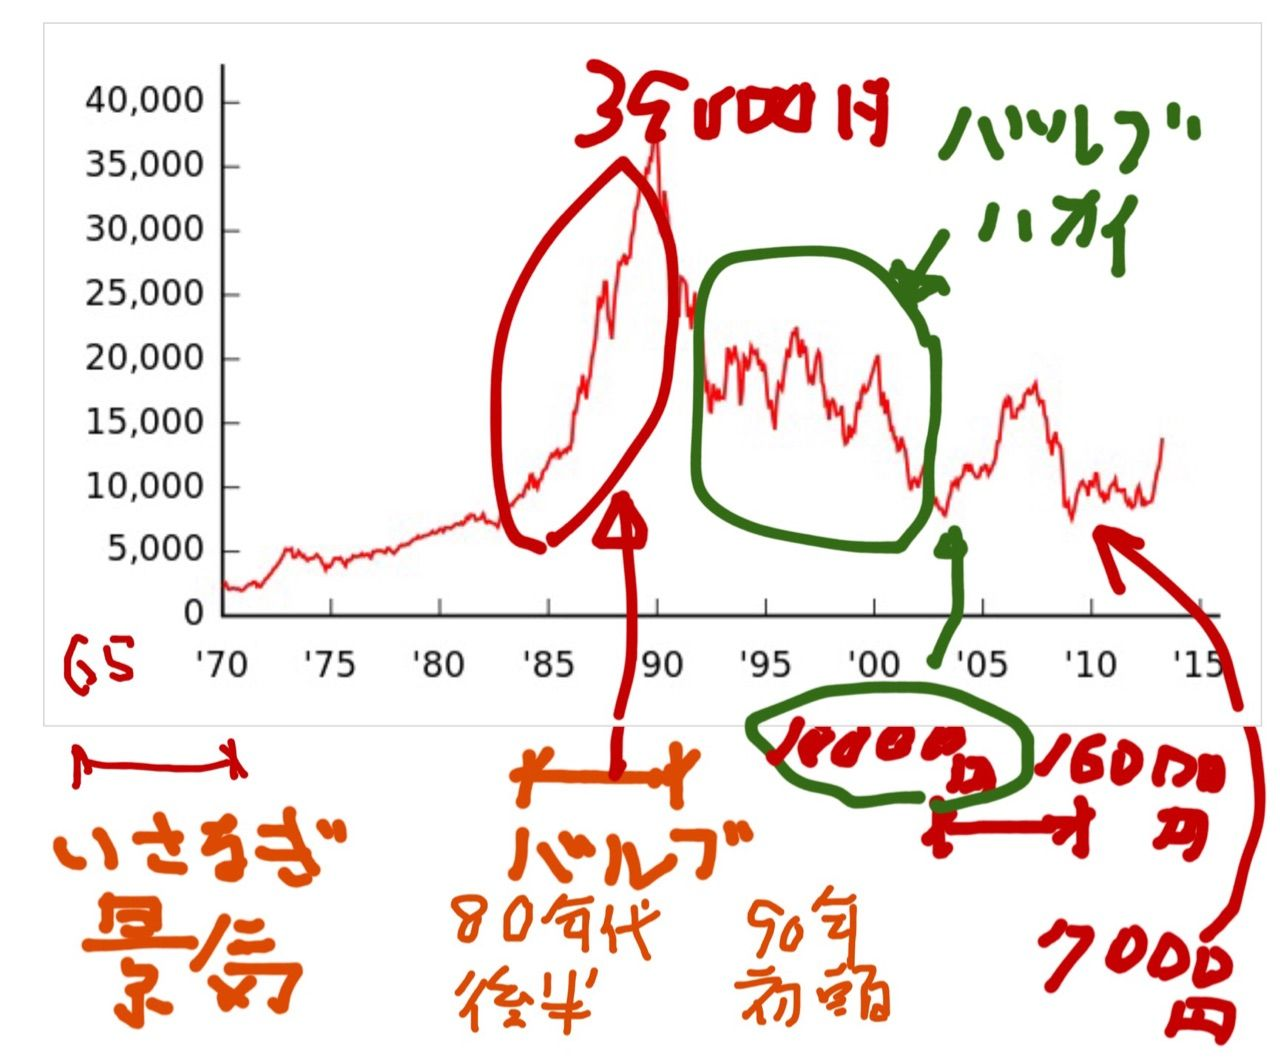 日経平均株価とは 株価指数、いざなぎ景気とは、バブル経済とは : 国際 ...